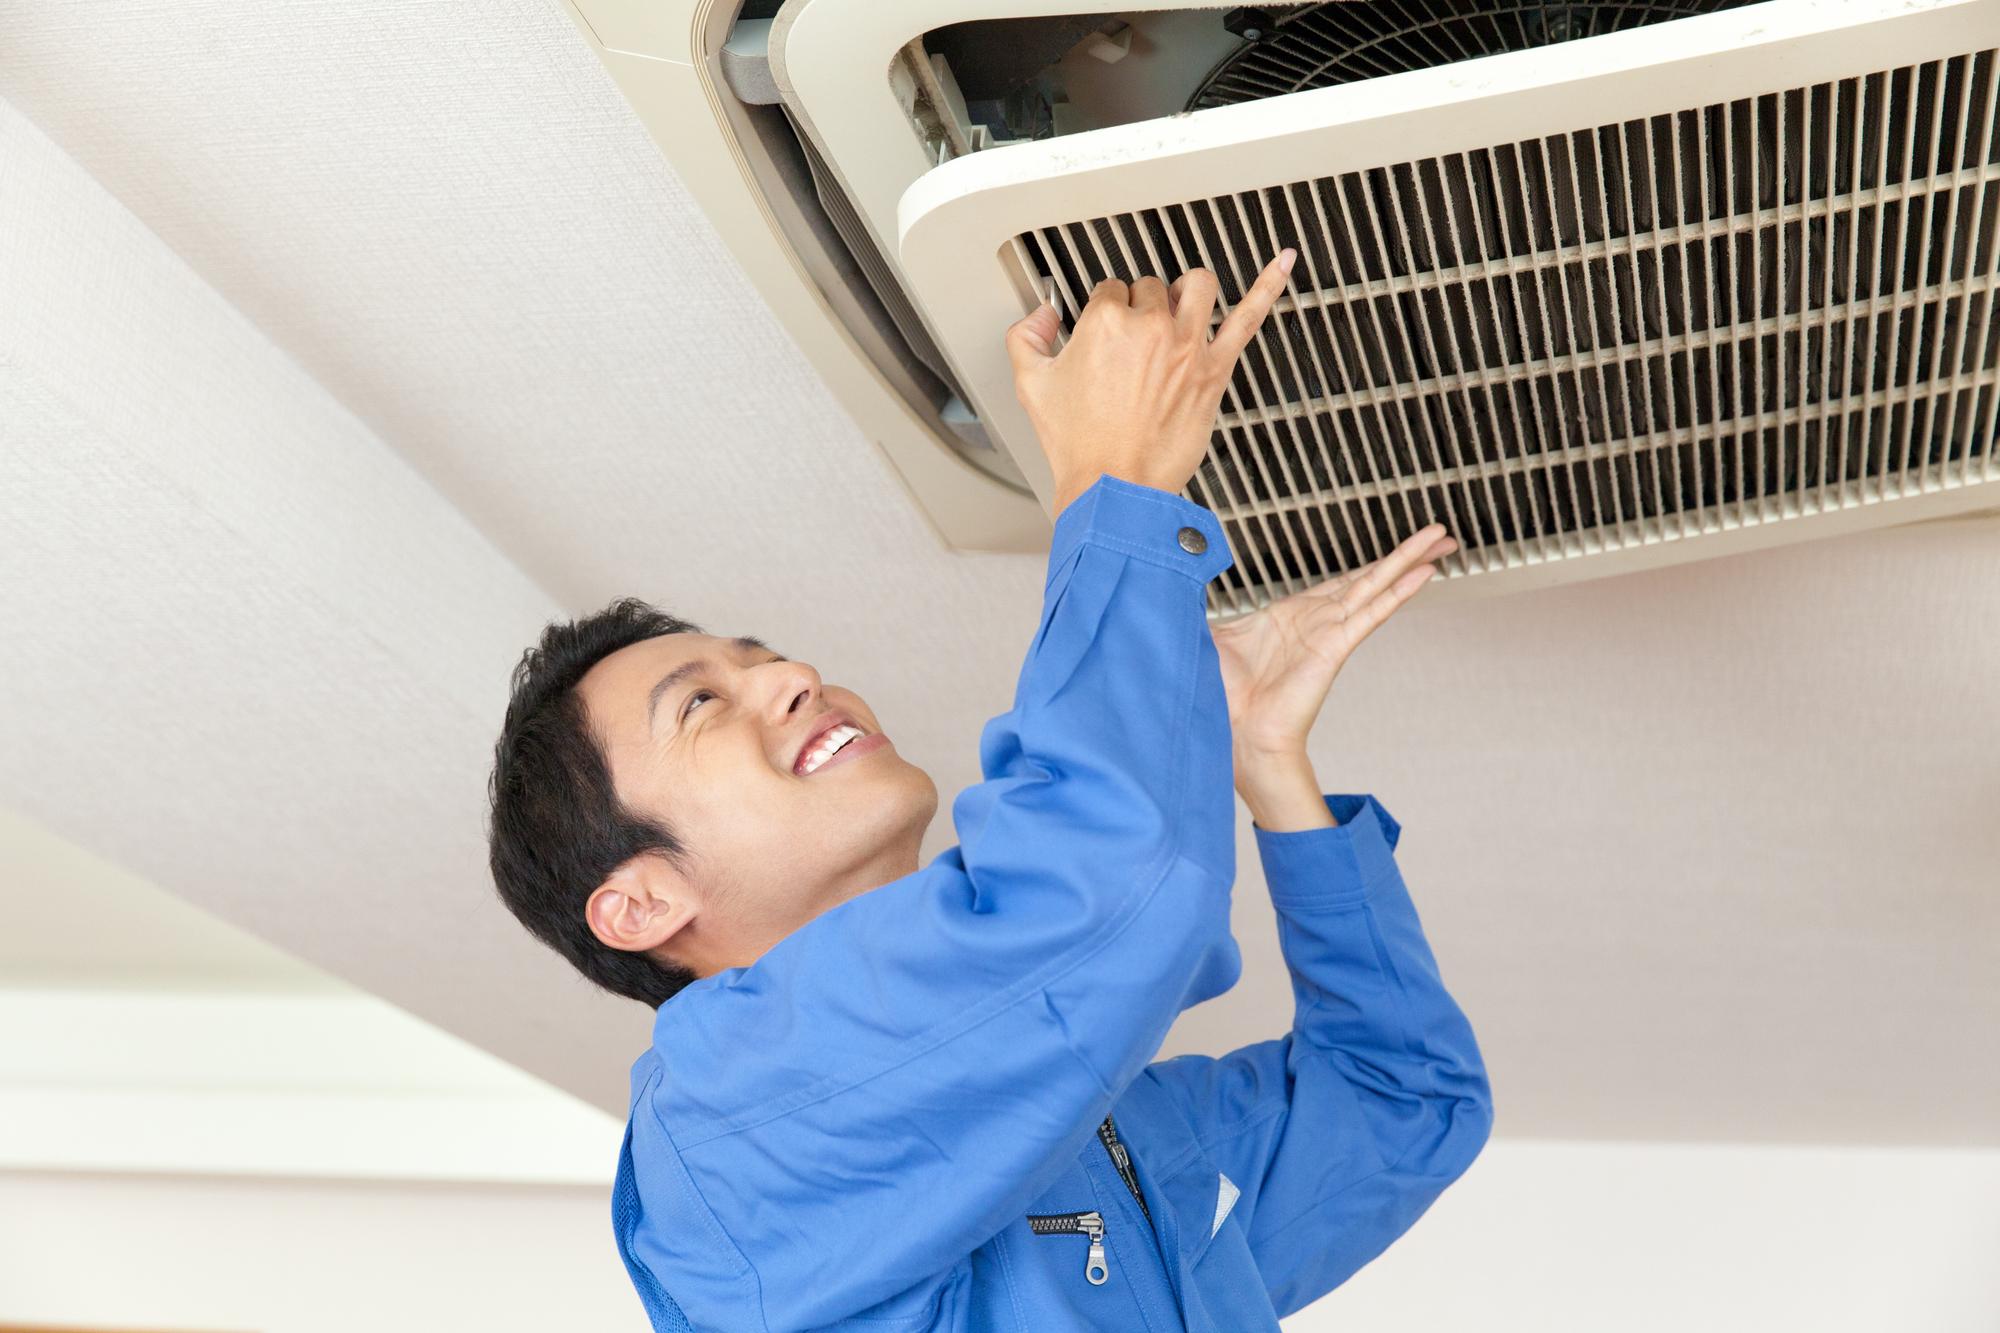 エアコンや空調設備の保守点検って何?